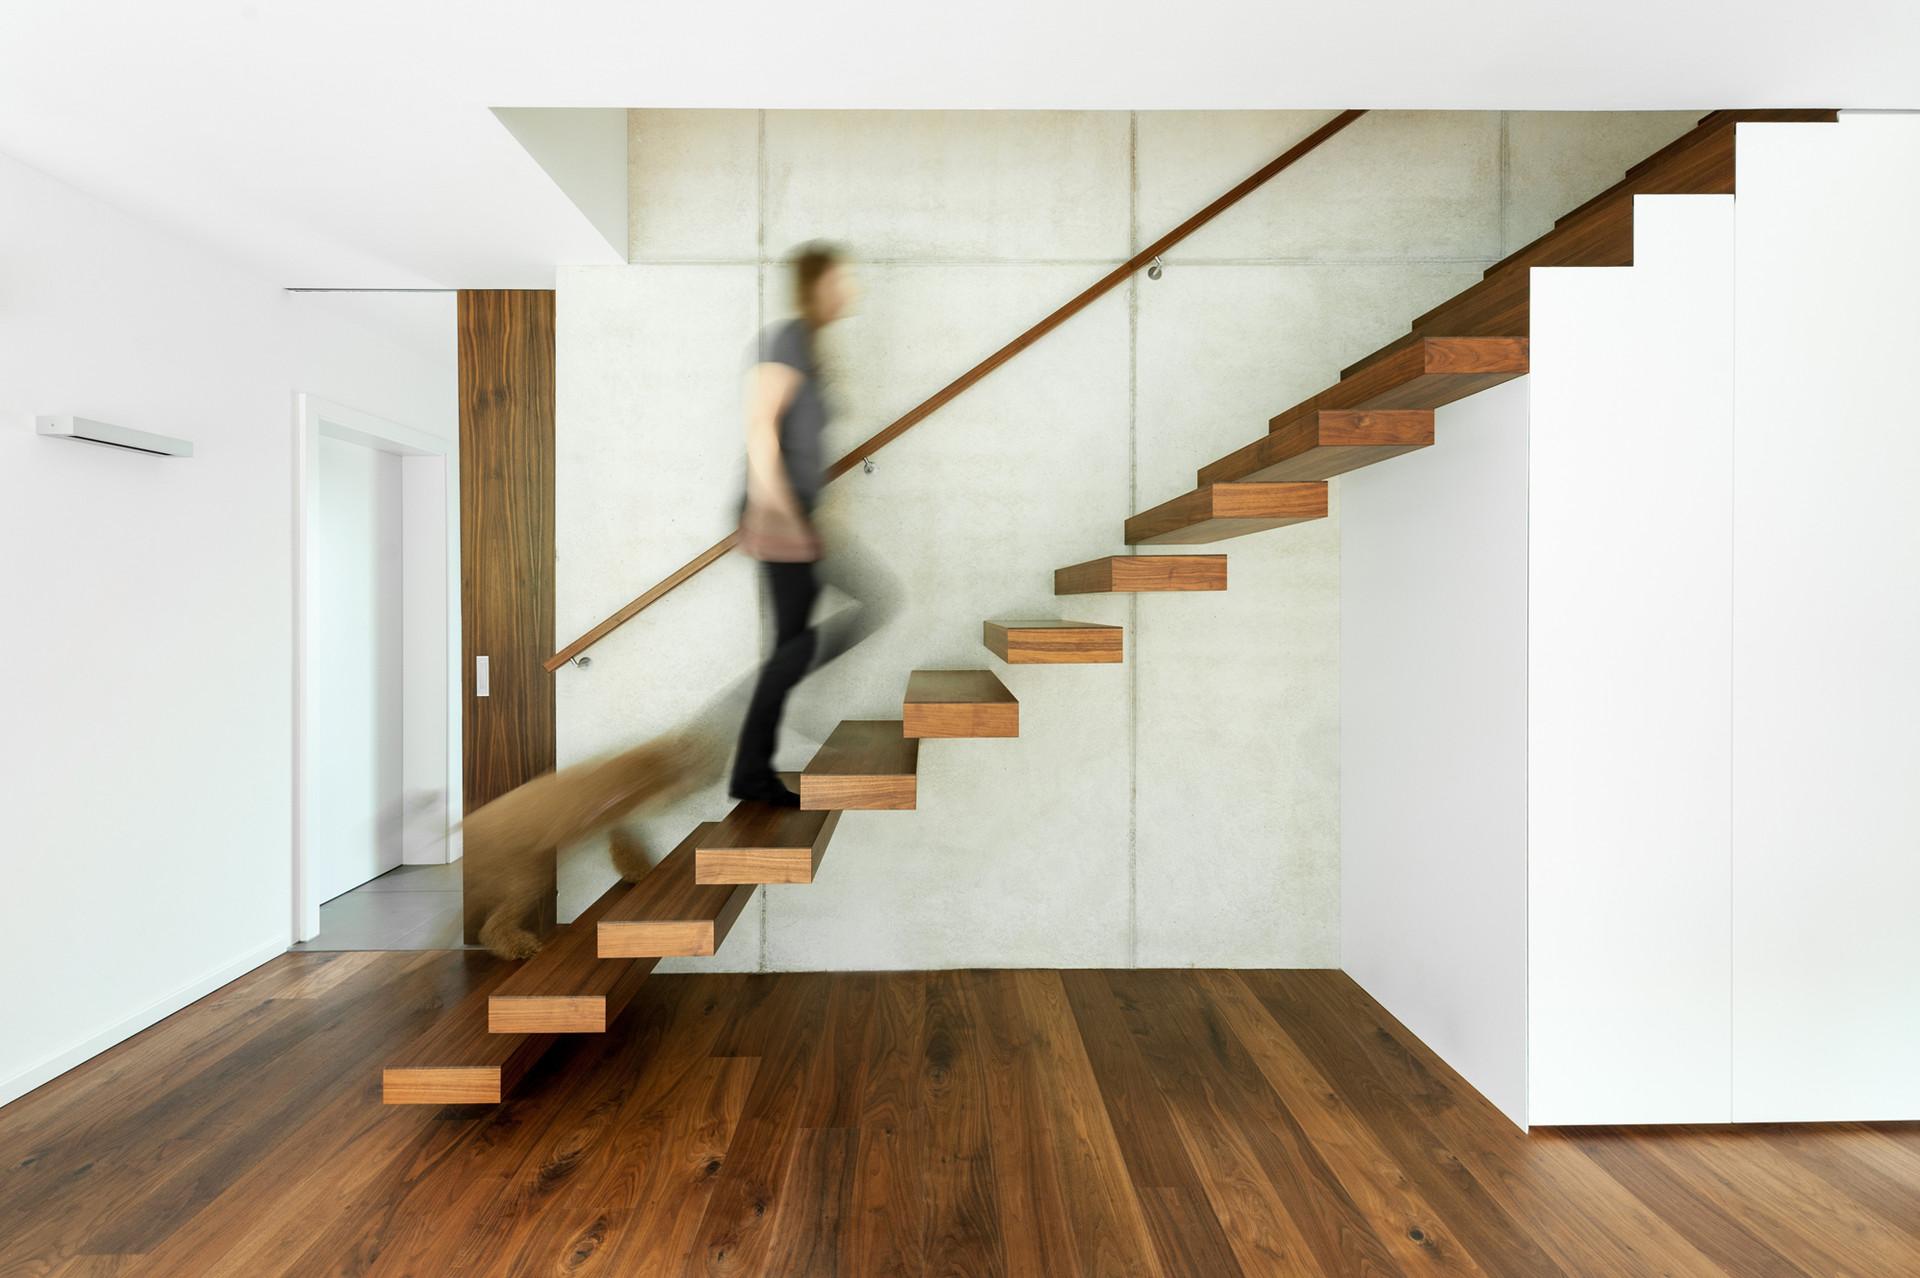 Frei auskragende Treppe aus Nussbaum an Stahlbetonwand